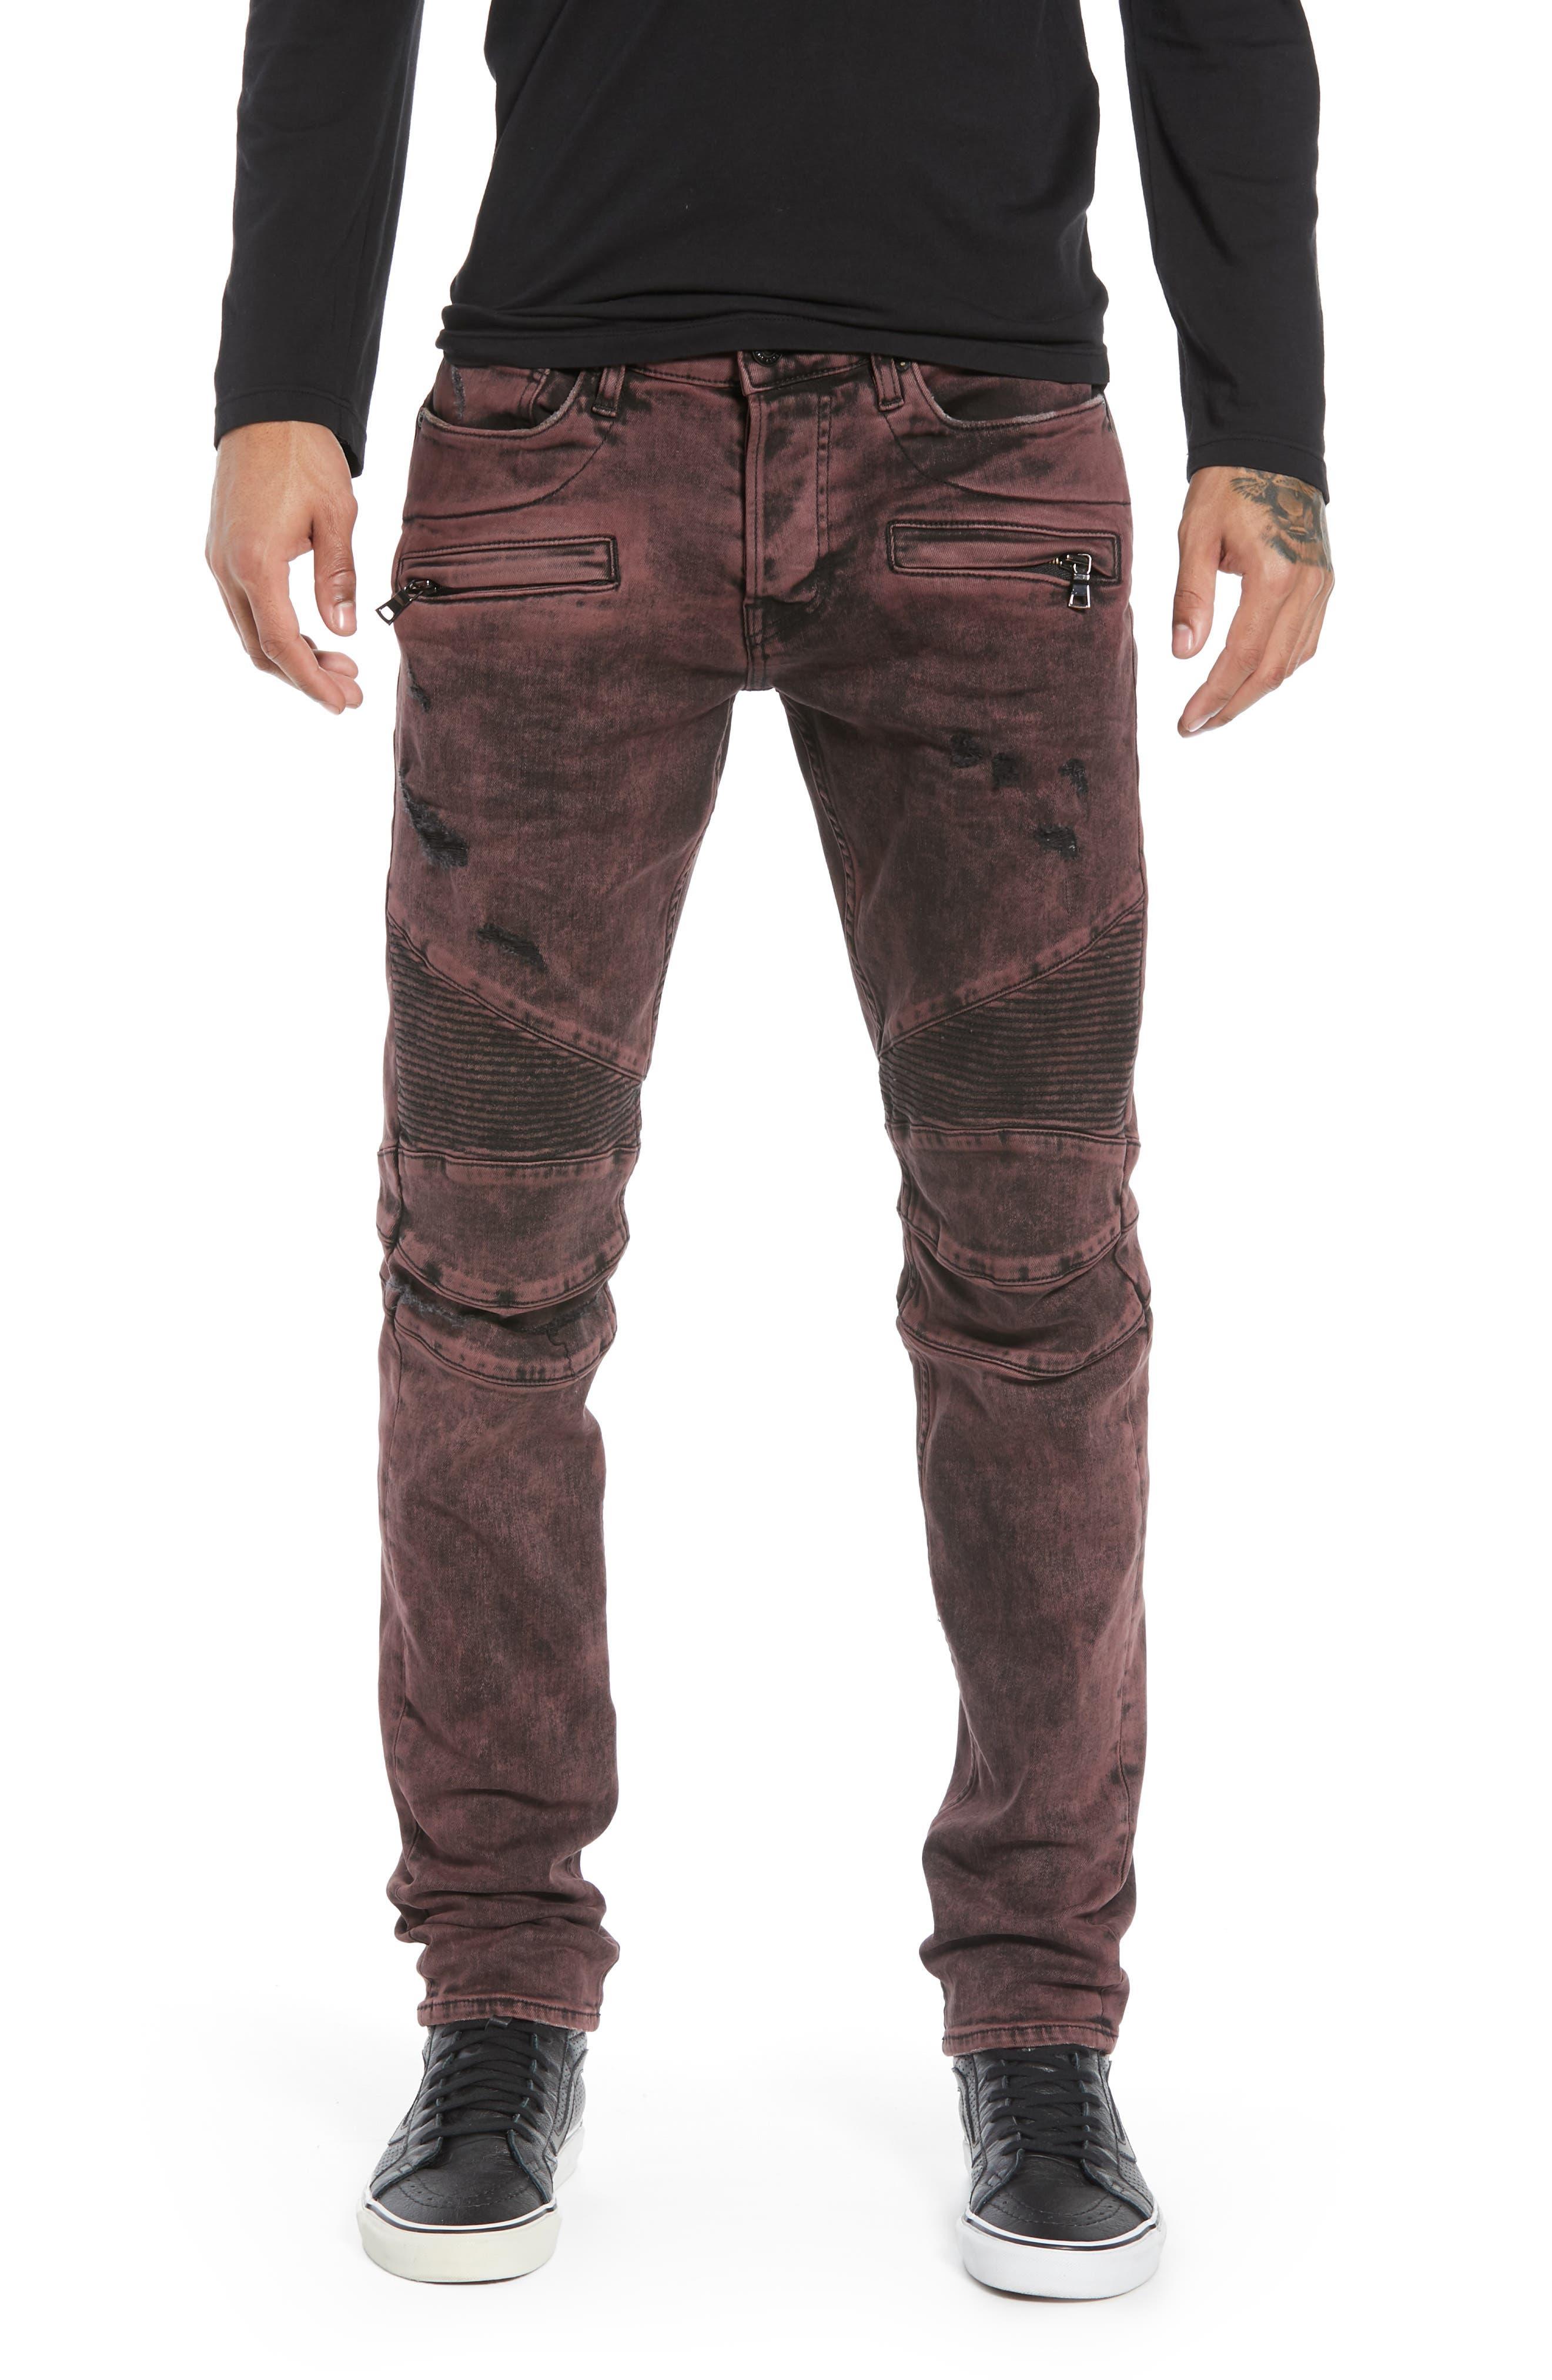 HUDSON JEANS Blinder Biker Skinny Fit Jeans, Main, color, FADED OX BLOOD